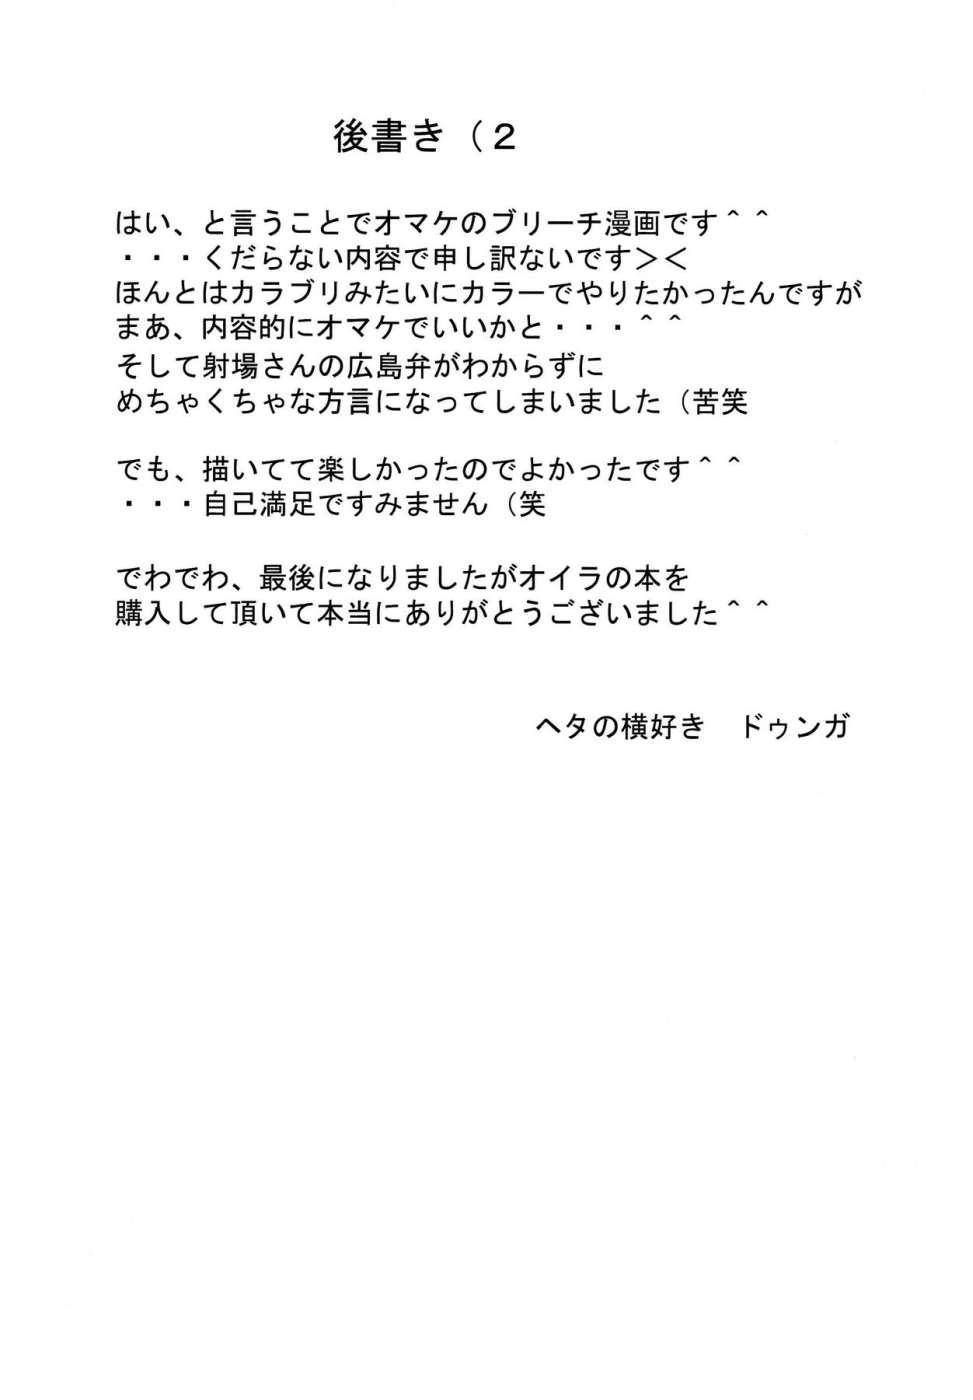 DoujinReader.com [Nel]-24